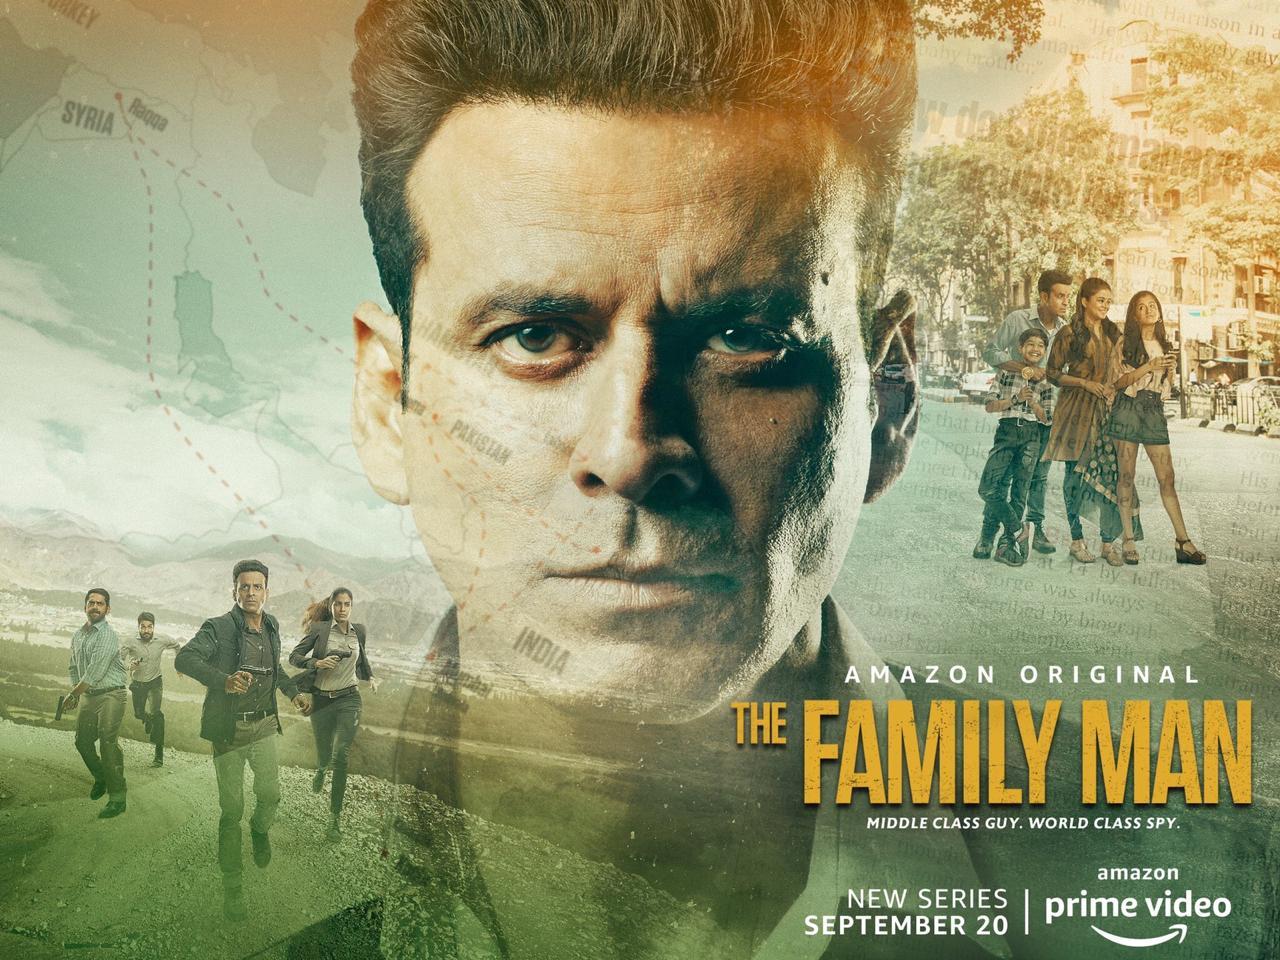 دانلود سریال مرد خانواده The Family Manبا دوبله فارسی + سانسور شده